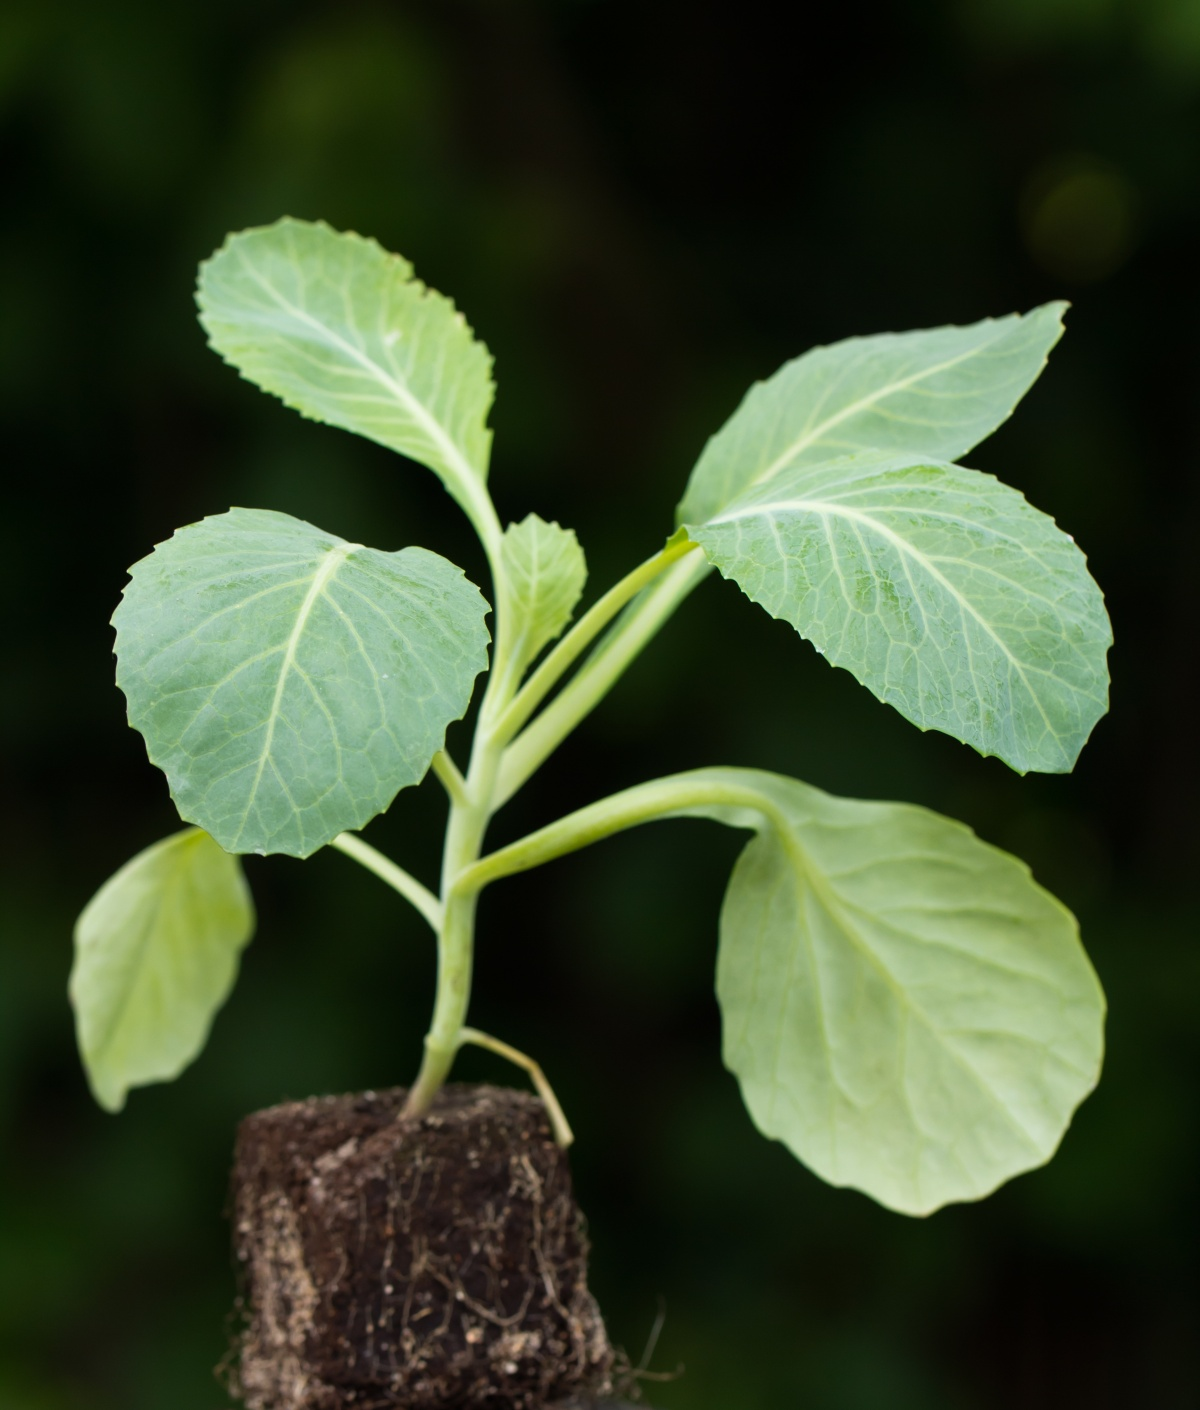 престиж инструкция обработки семян капусты